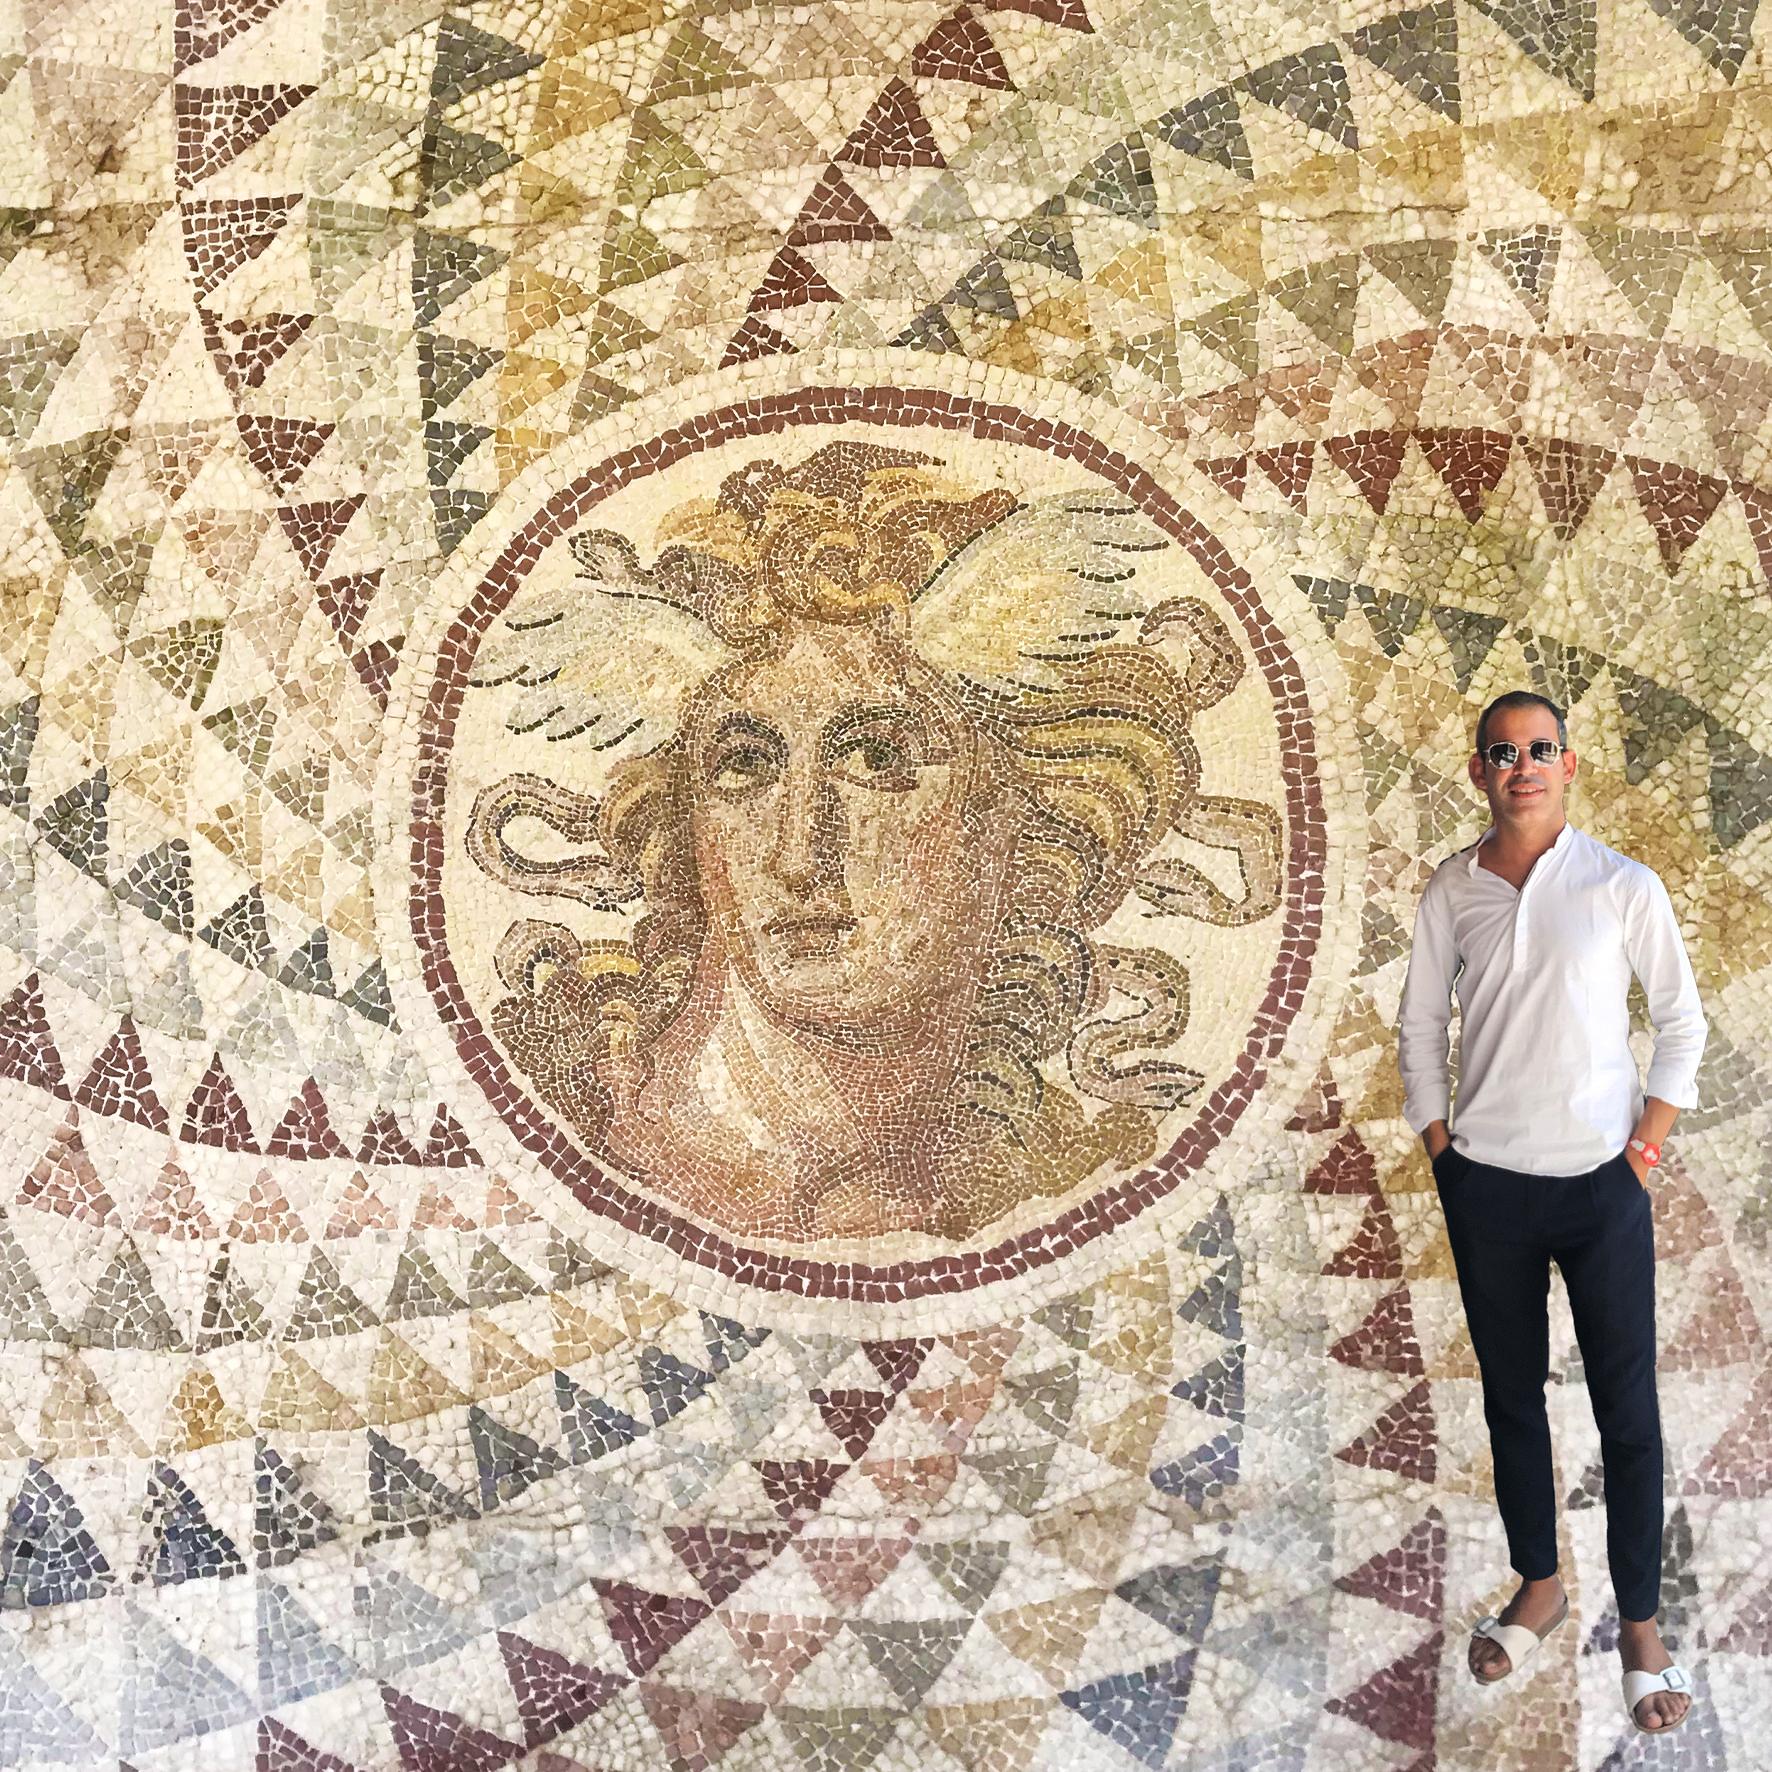 ICONICITÀ DI UNA GORGONE: esempio di comparazione fenomenologica tra la tradizione musiva dell'antichità classica e l'Op Art